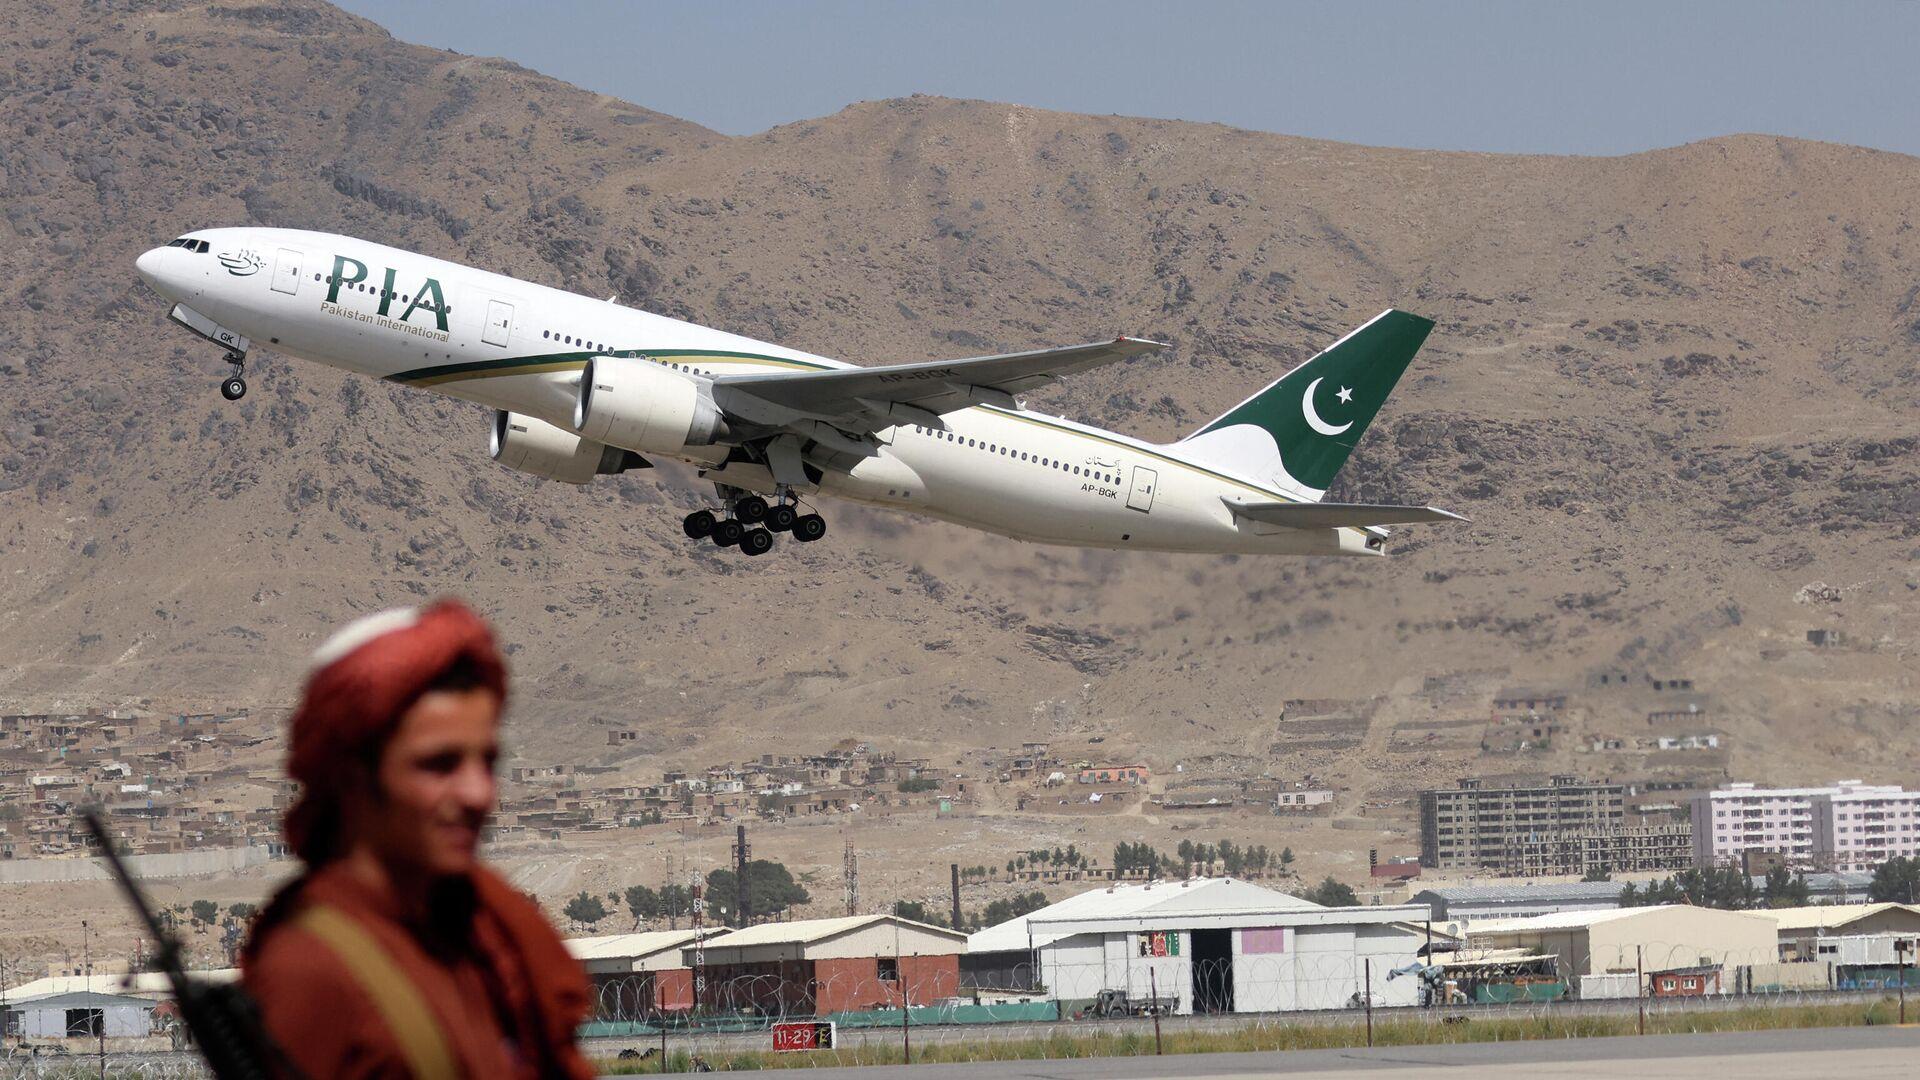 Erster kommerzieller Flug nach Machtübernahme von Taliban landet in Afghanistan - SNA, 1920, 13.09.2021